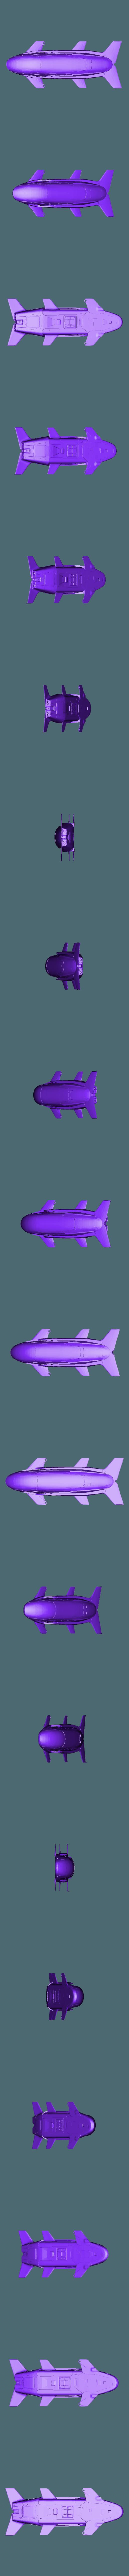 Dolphin.stl Télécharger fichier STL gratuit Dauphin 2 Part (Elite Dangereuse) • Plan pour imprimante 3D, Kahnindustries